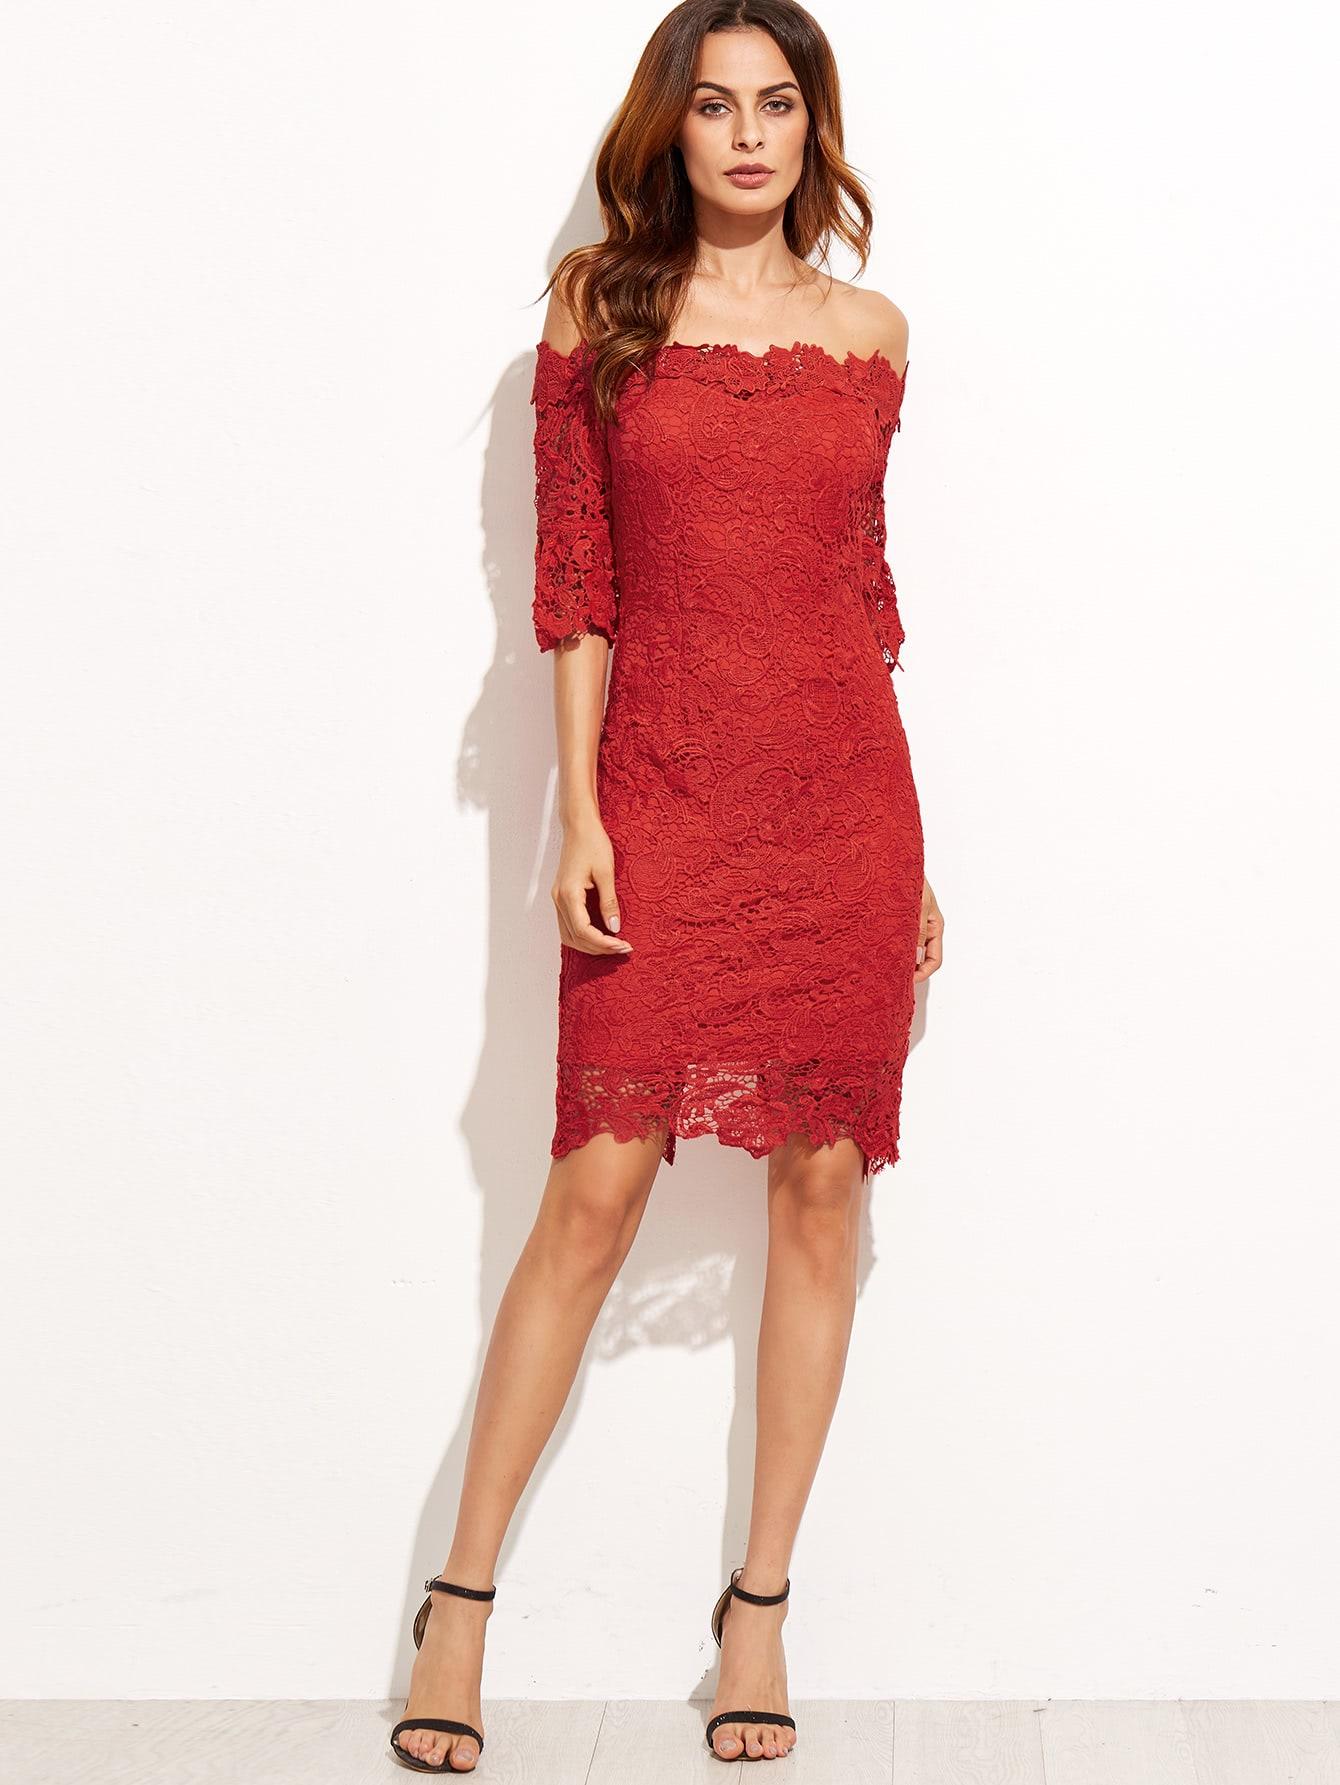 dress160915501_2